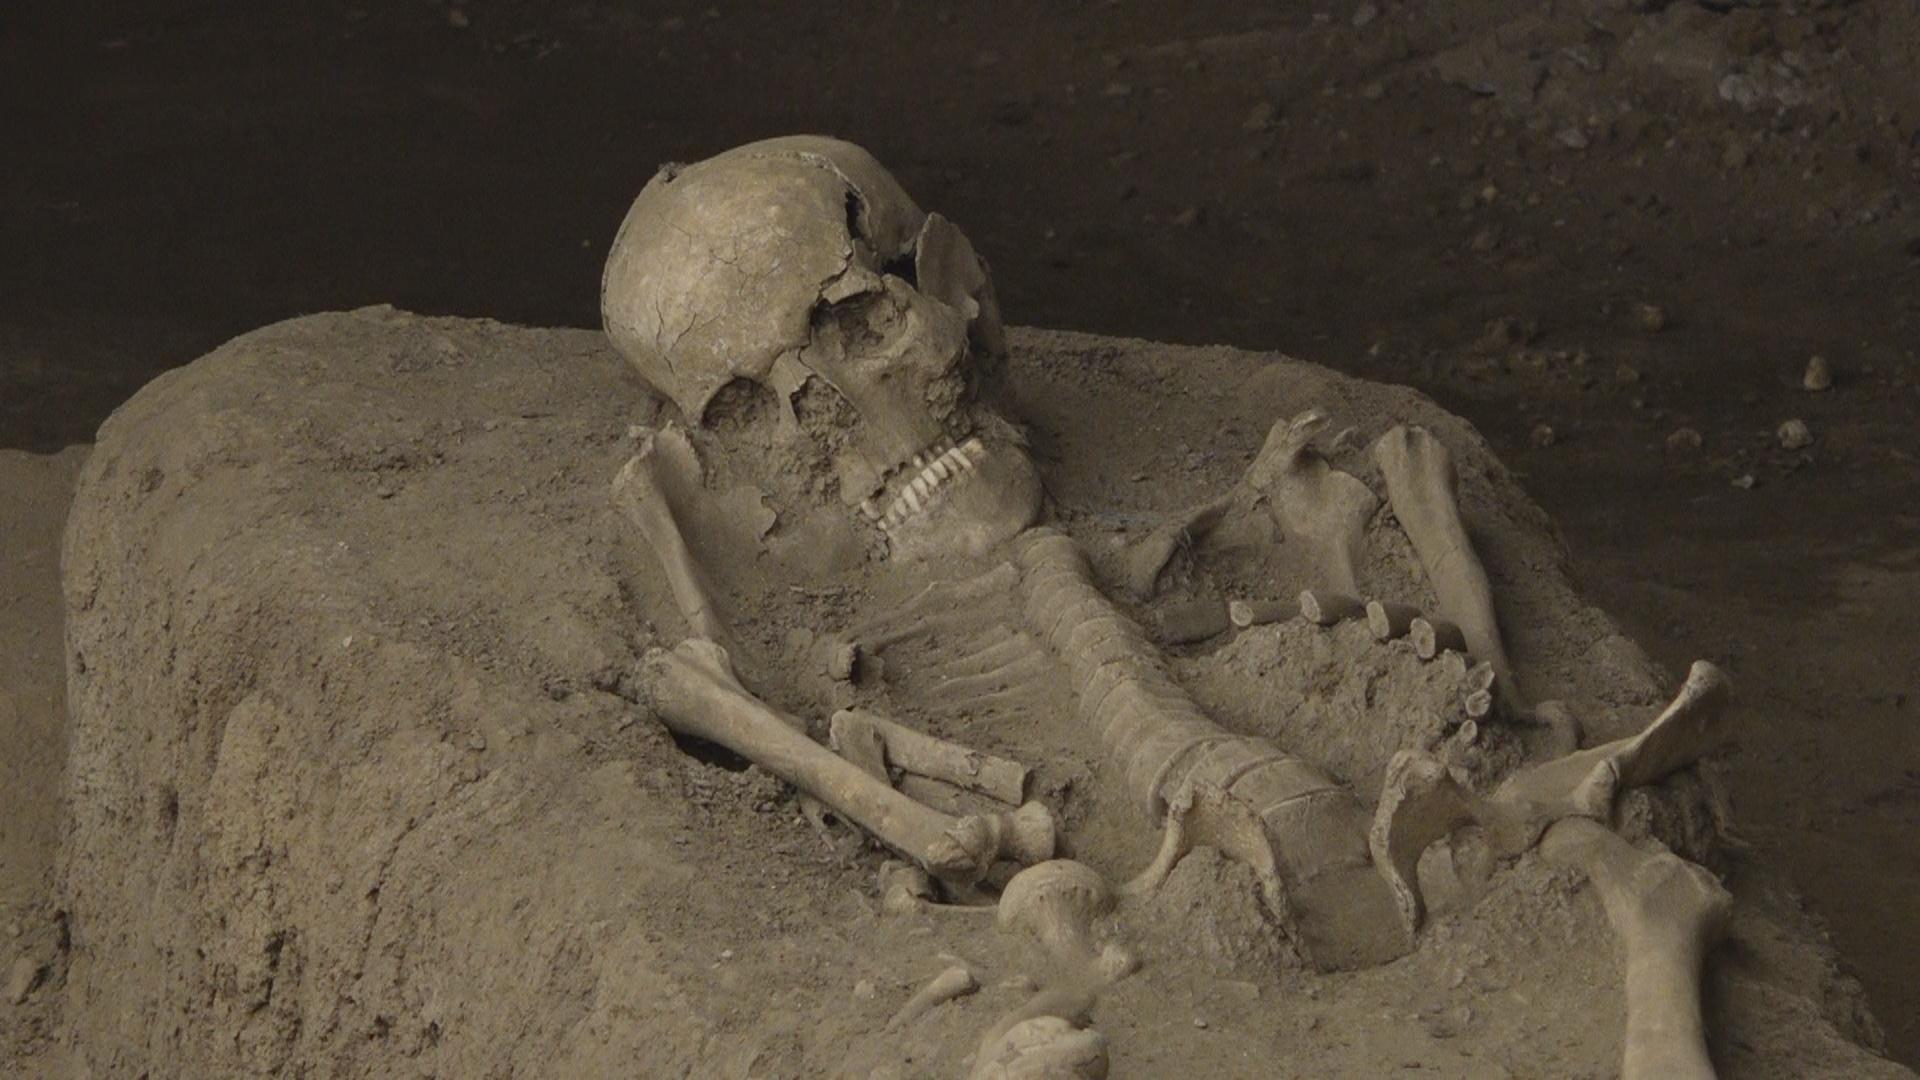 Kostolac - Otkrivena tri olovna sarkofaga u Viminacijumu 39960